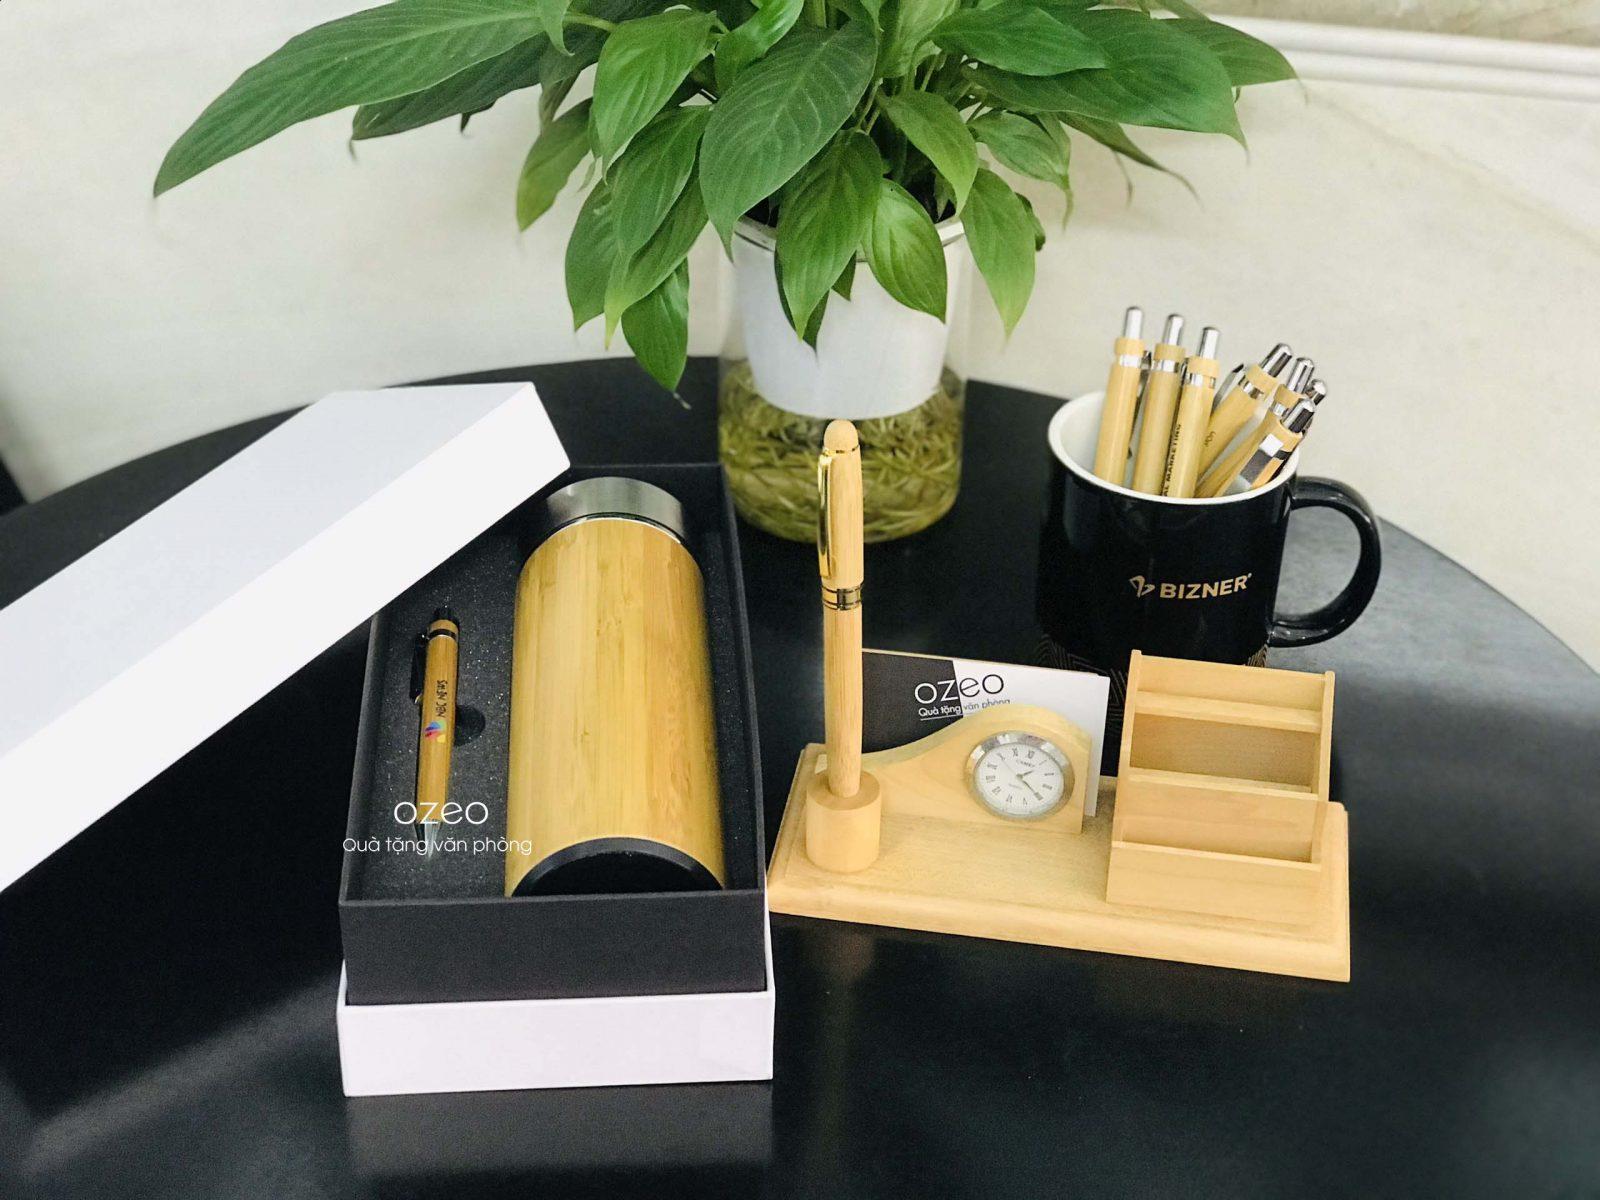 Tham khảo thêm một số hình ảnh của Bộ quà tặng Giftset bình giữ nhiệt vỏ tre và bút gỗ tre.